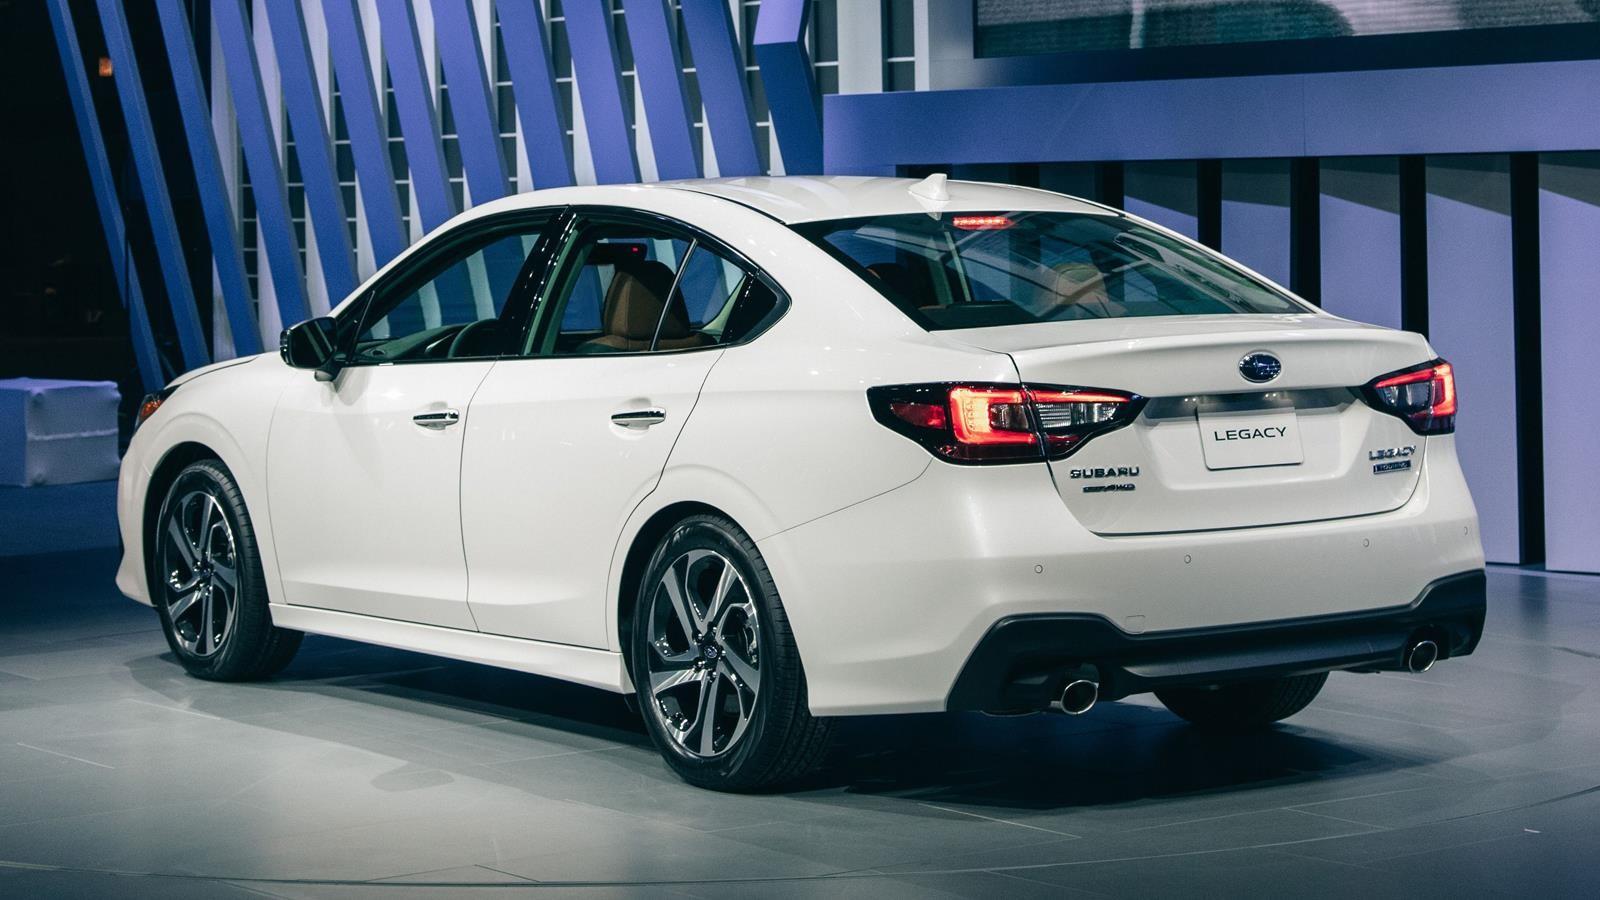 Subaru-legacy-sf-103-1549565531